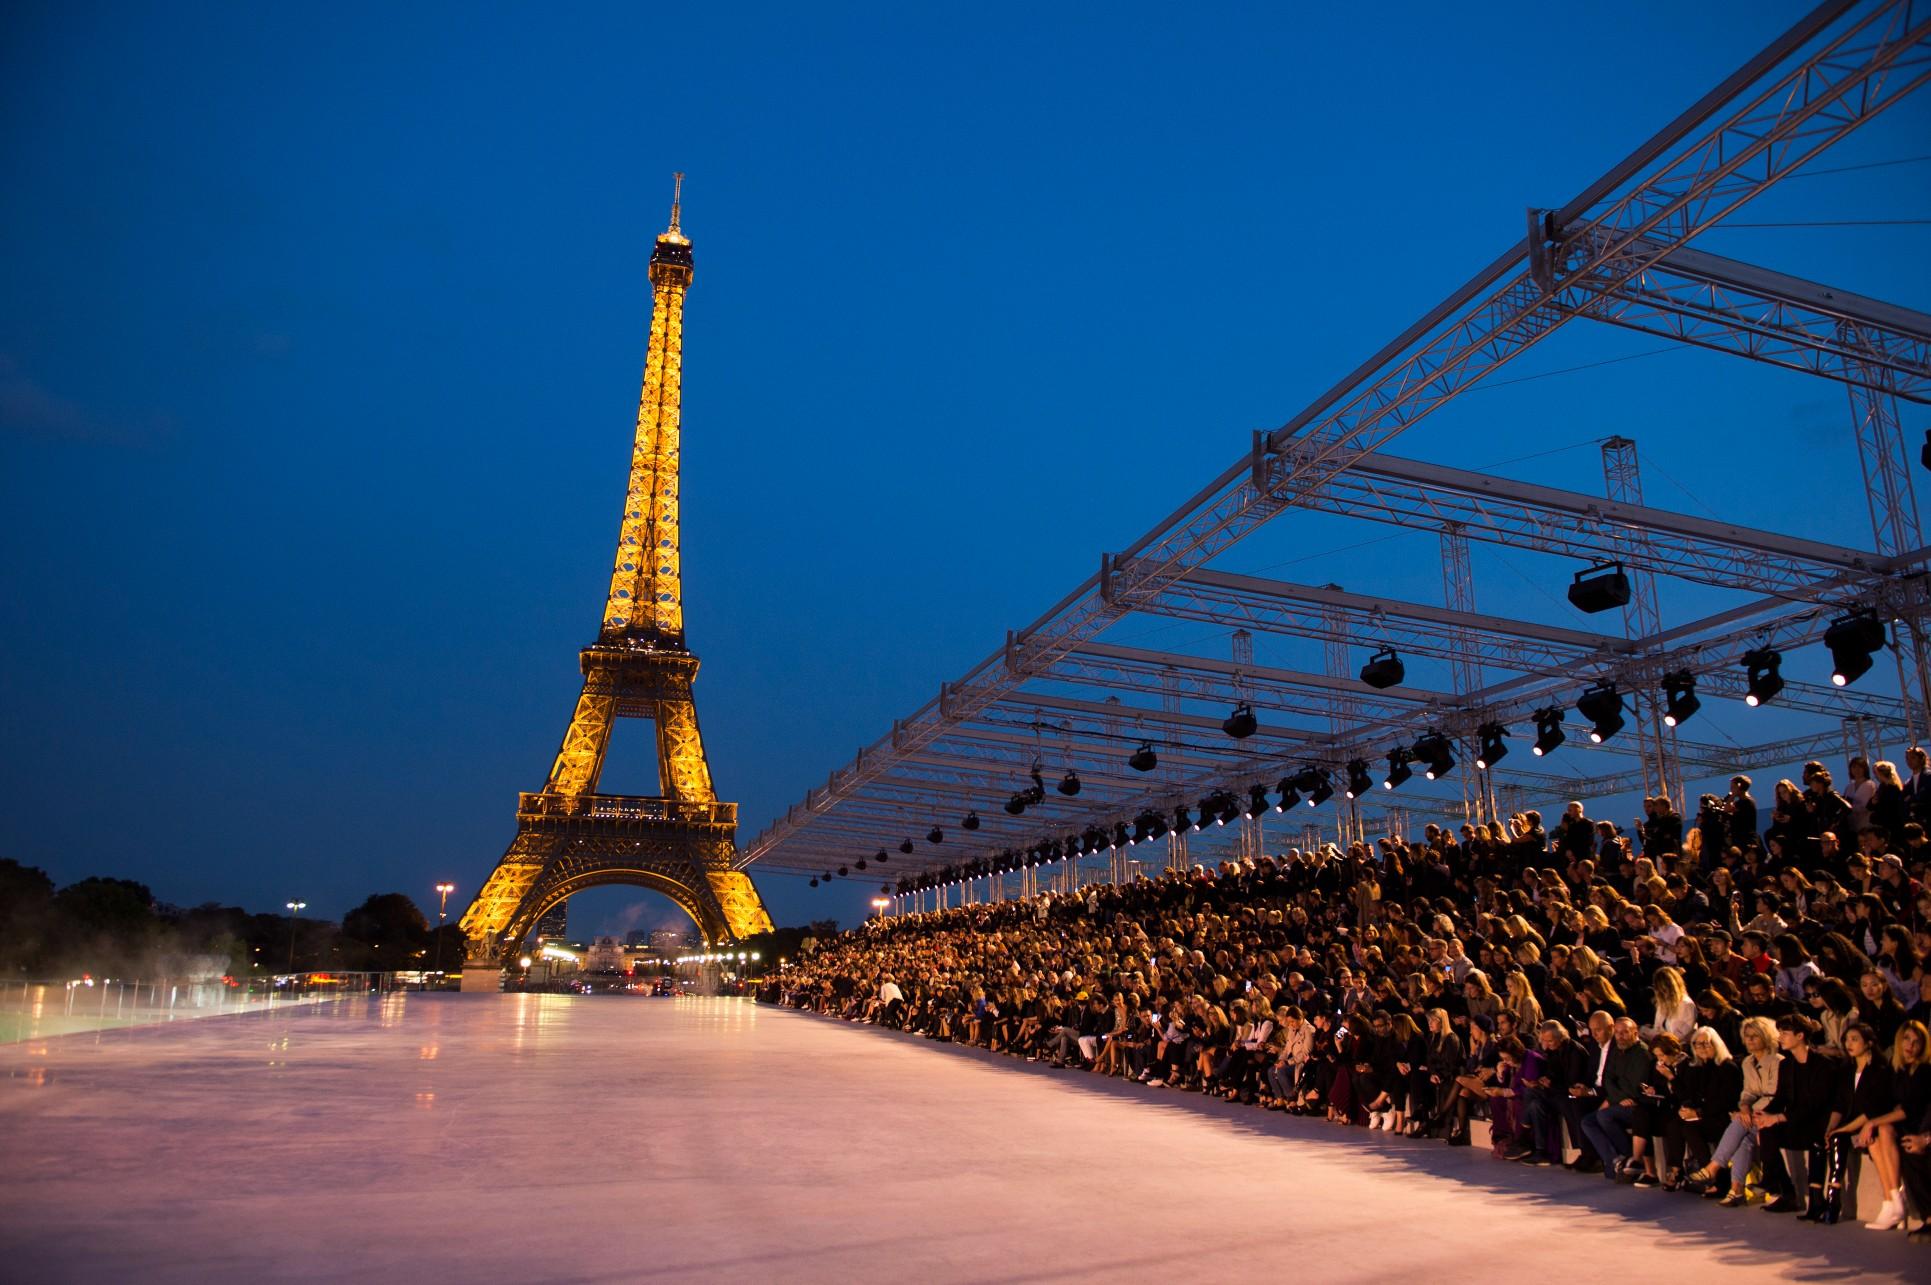 saint laurent rs18 1550b من تحت برج إيفيل ،أضواء سان لورين تشع موضة على العالم  من باريس